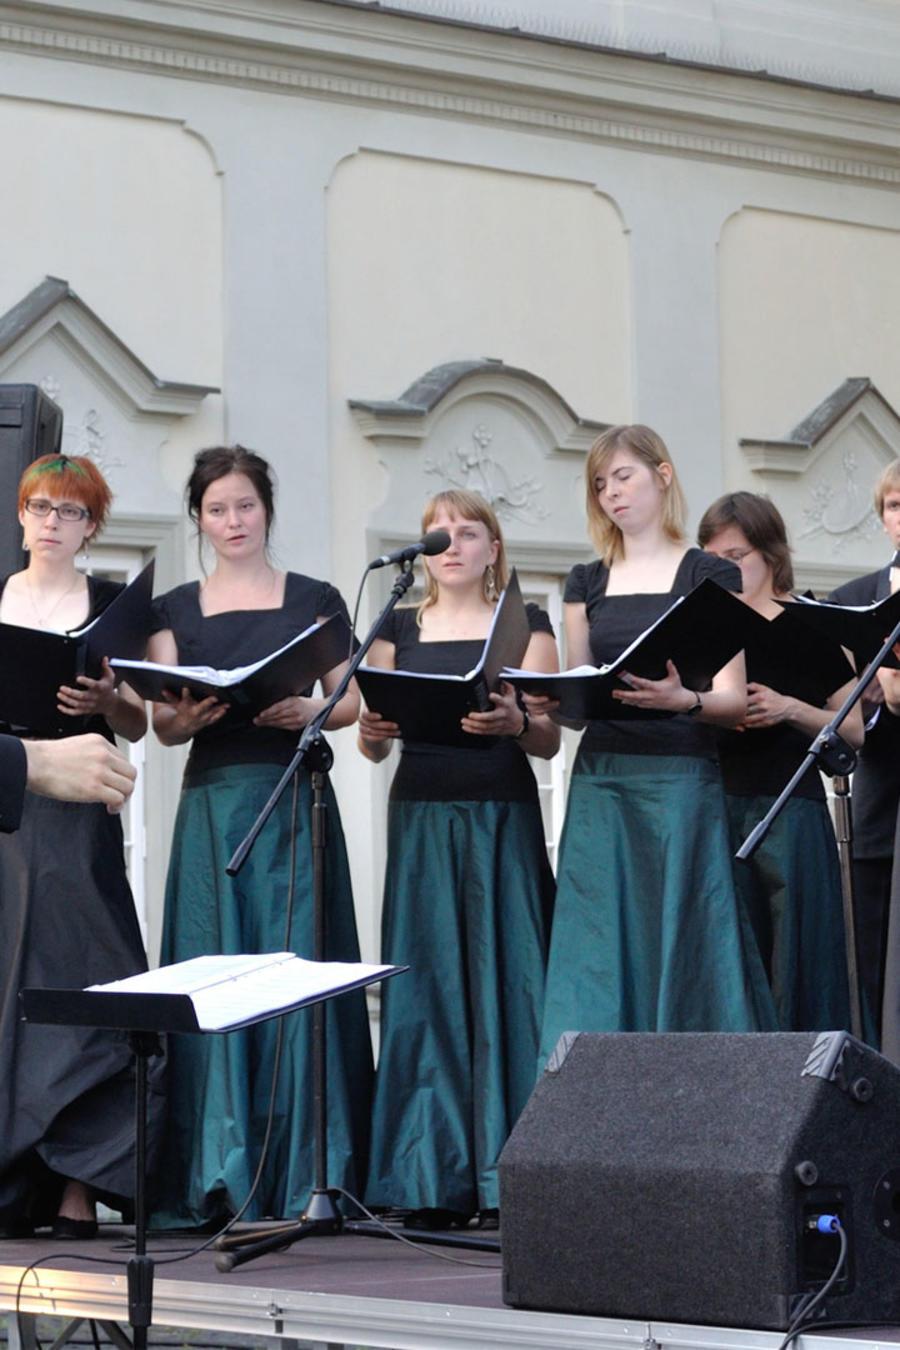 ¿Quieres ser un líder? Cantar en coro podría enseñarte